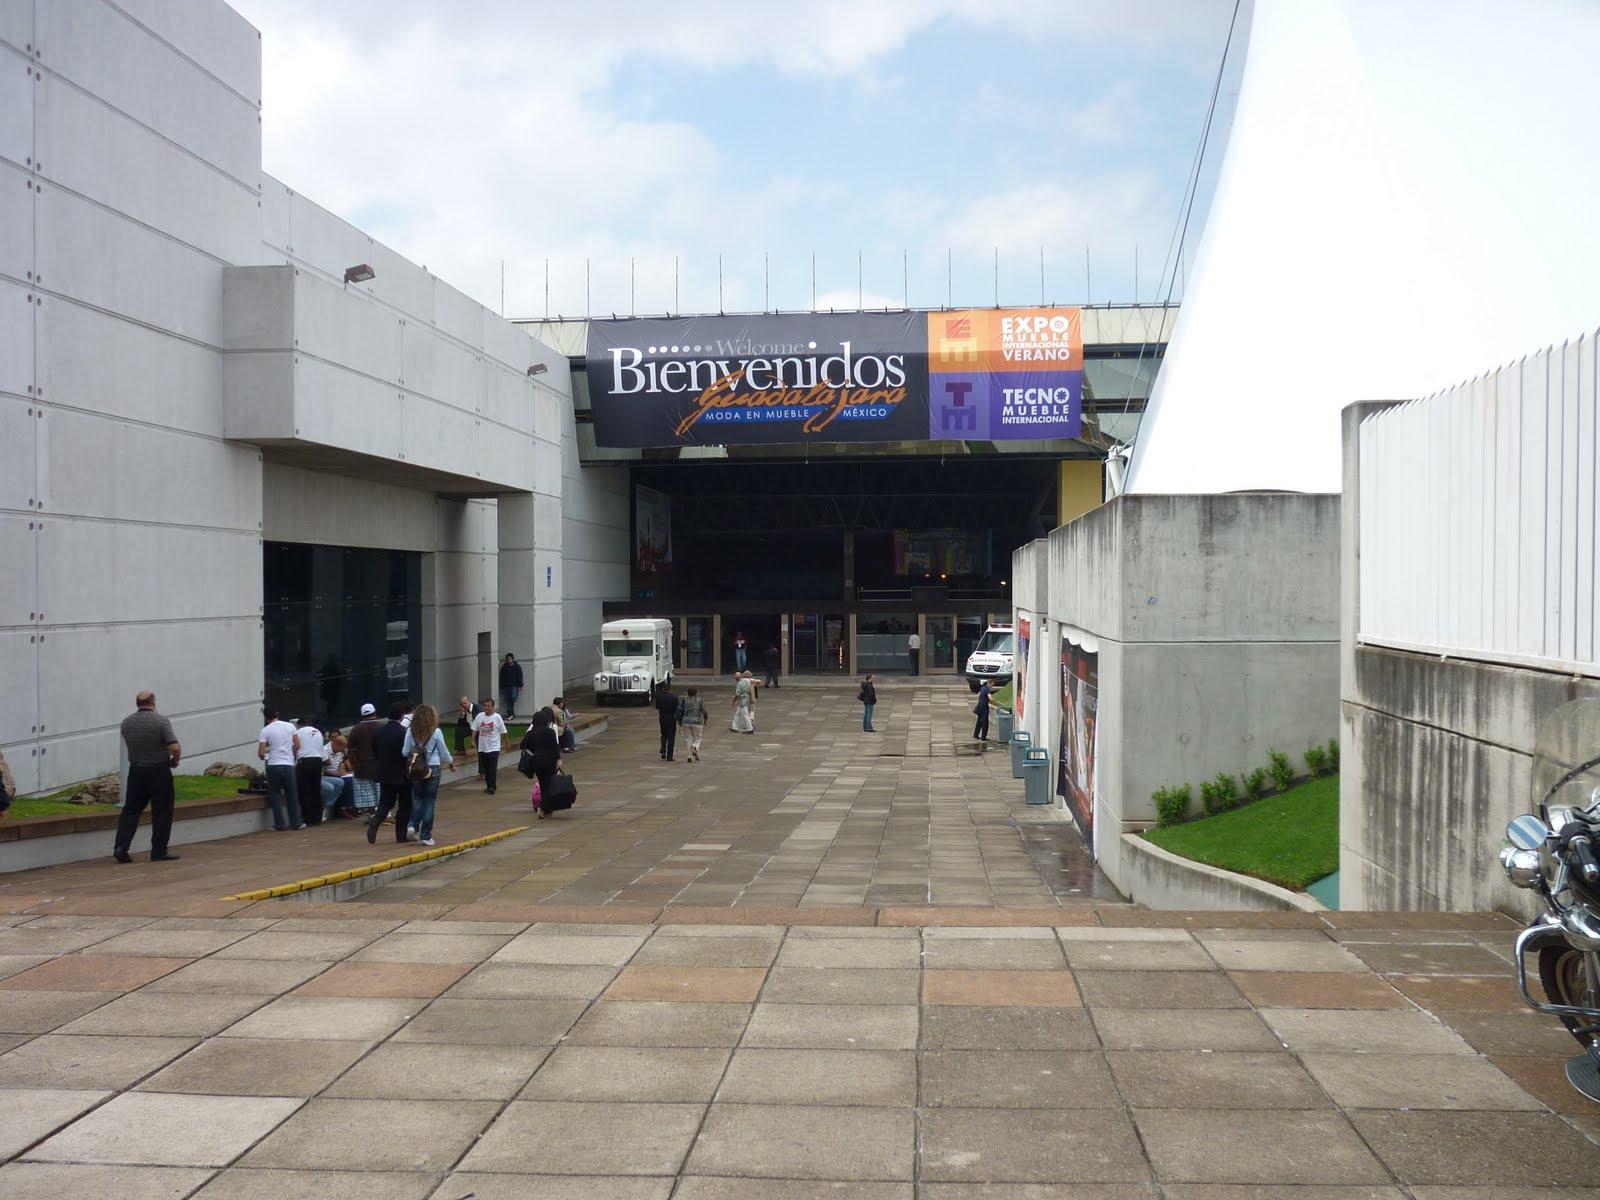 Visitando La Expo Mueble Guadalajara 2010 Designaholic # Muebles Peyan Guadalajara